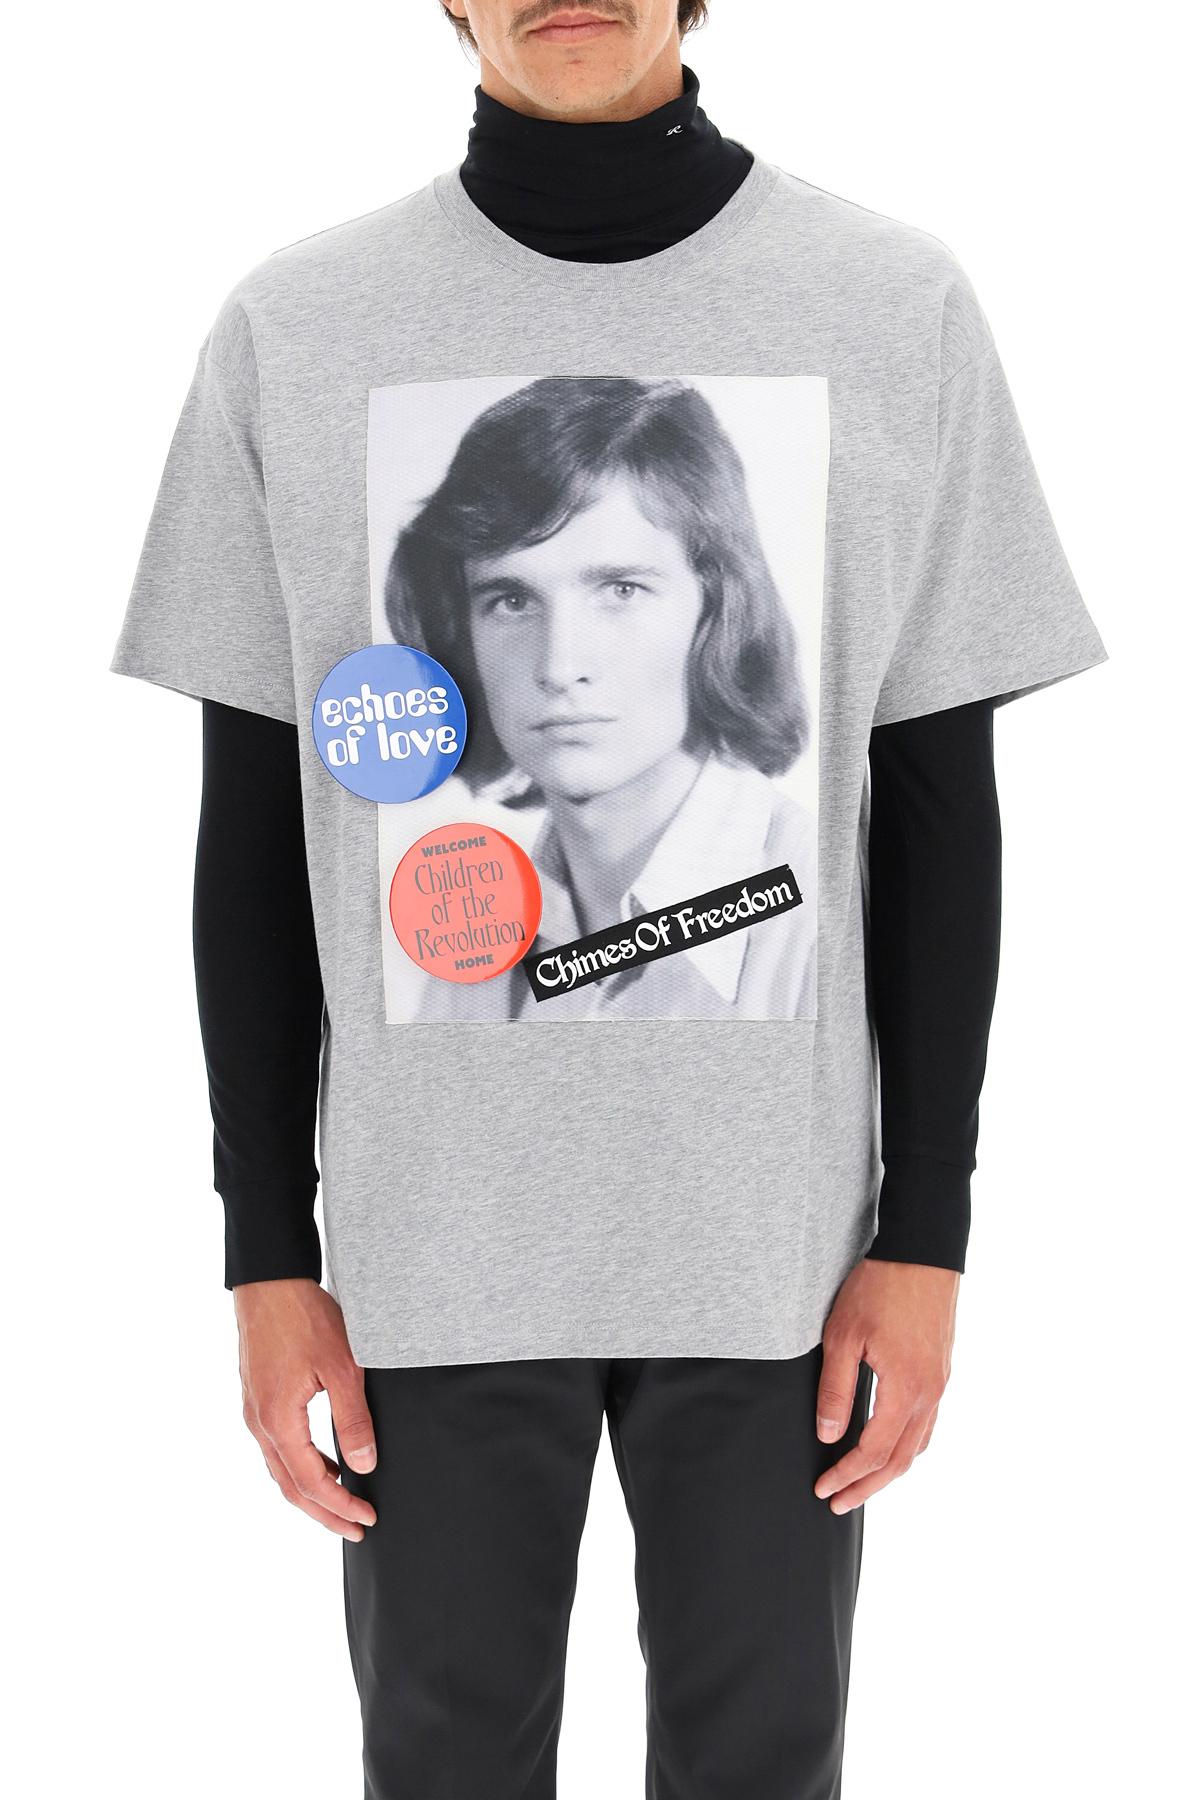 Raf simons t-shirt chimes of freedom